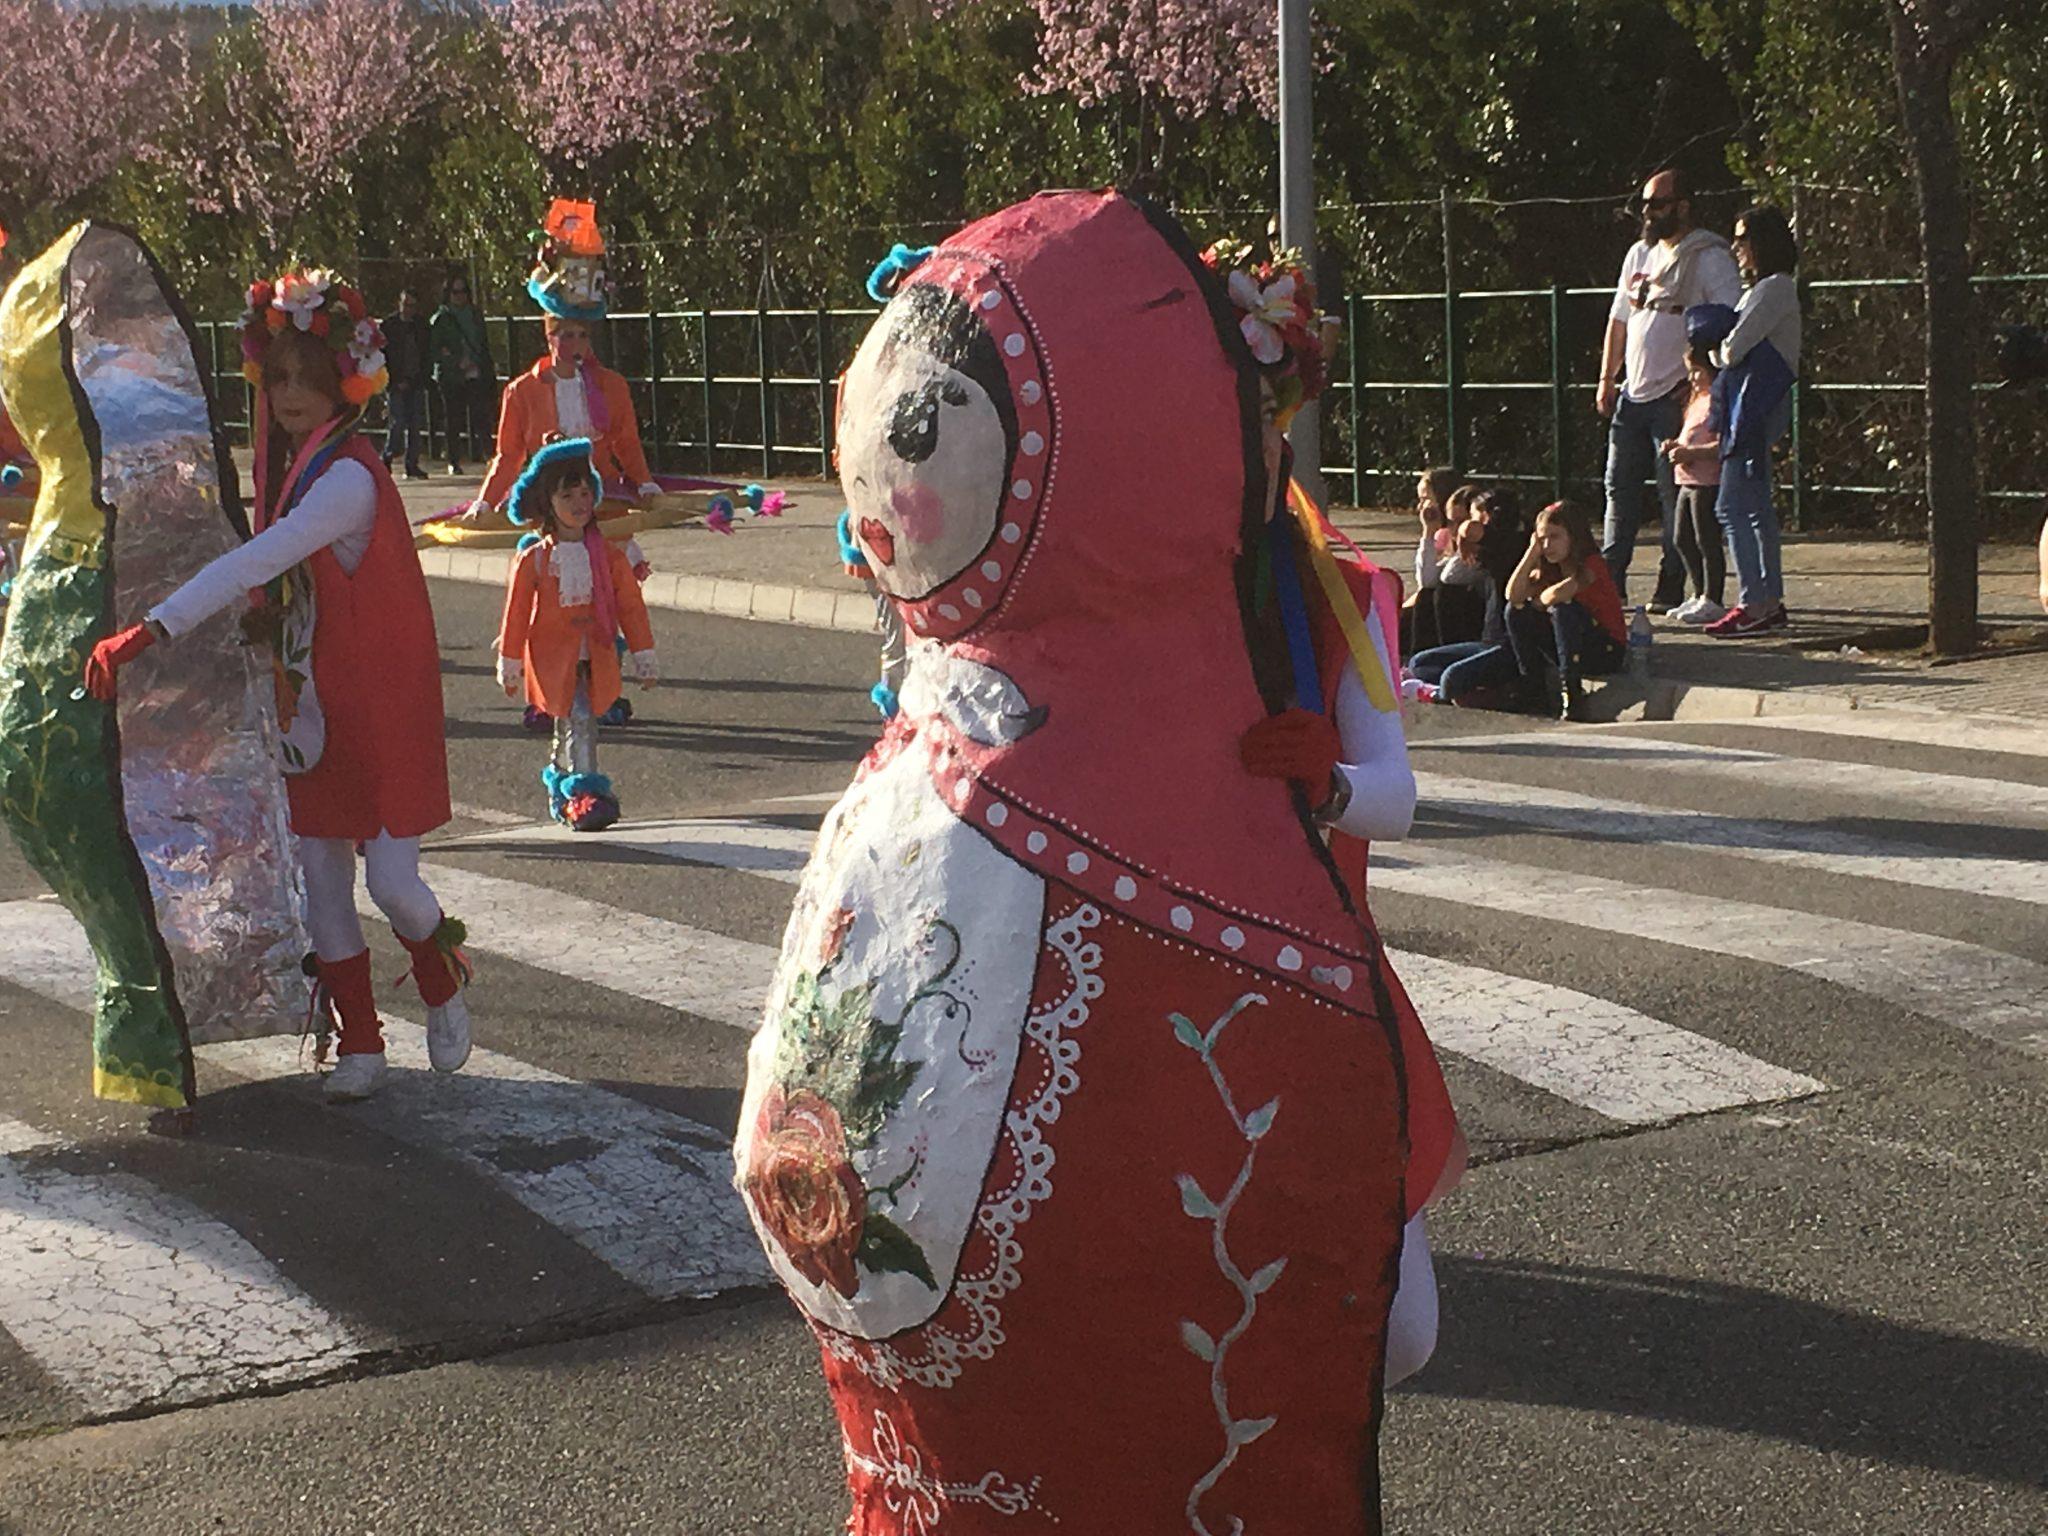 Desfile de Carnaval Cubillos del Sil 2019 - Álbum de fotos 10